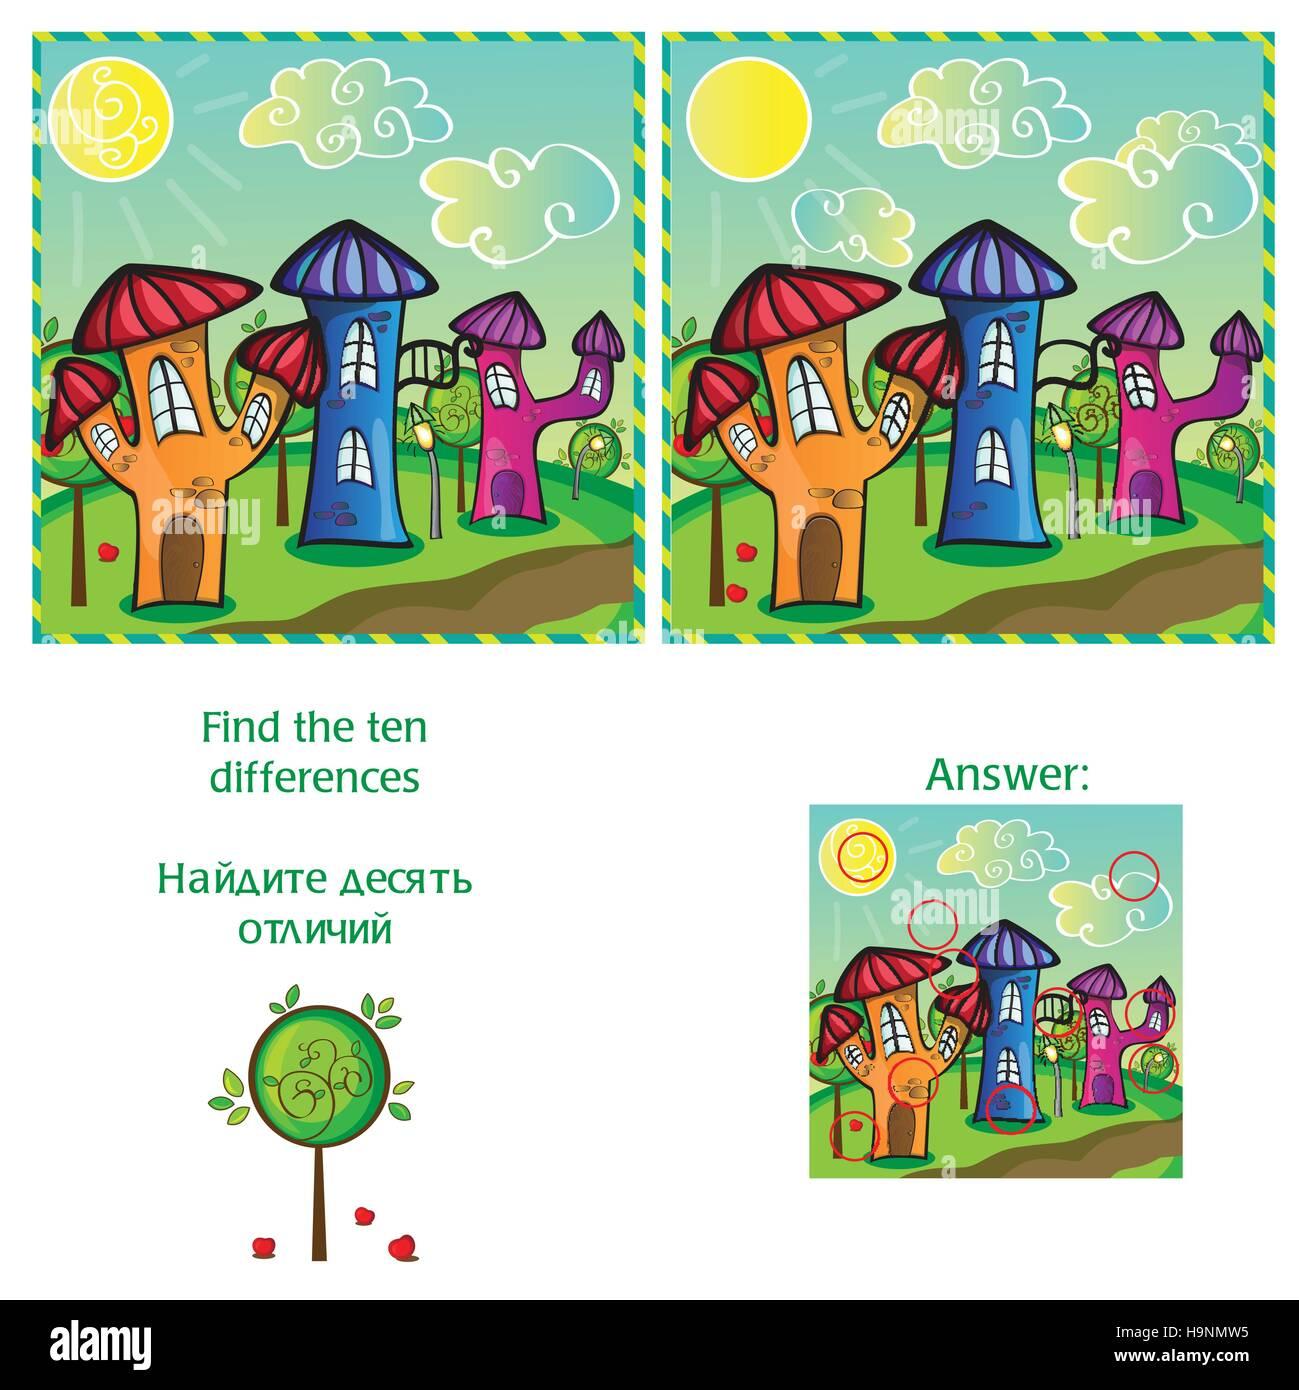 Jeu visuel - Trouvez les différences 10 - avec réponse - fichier vecteur Photo Stock